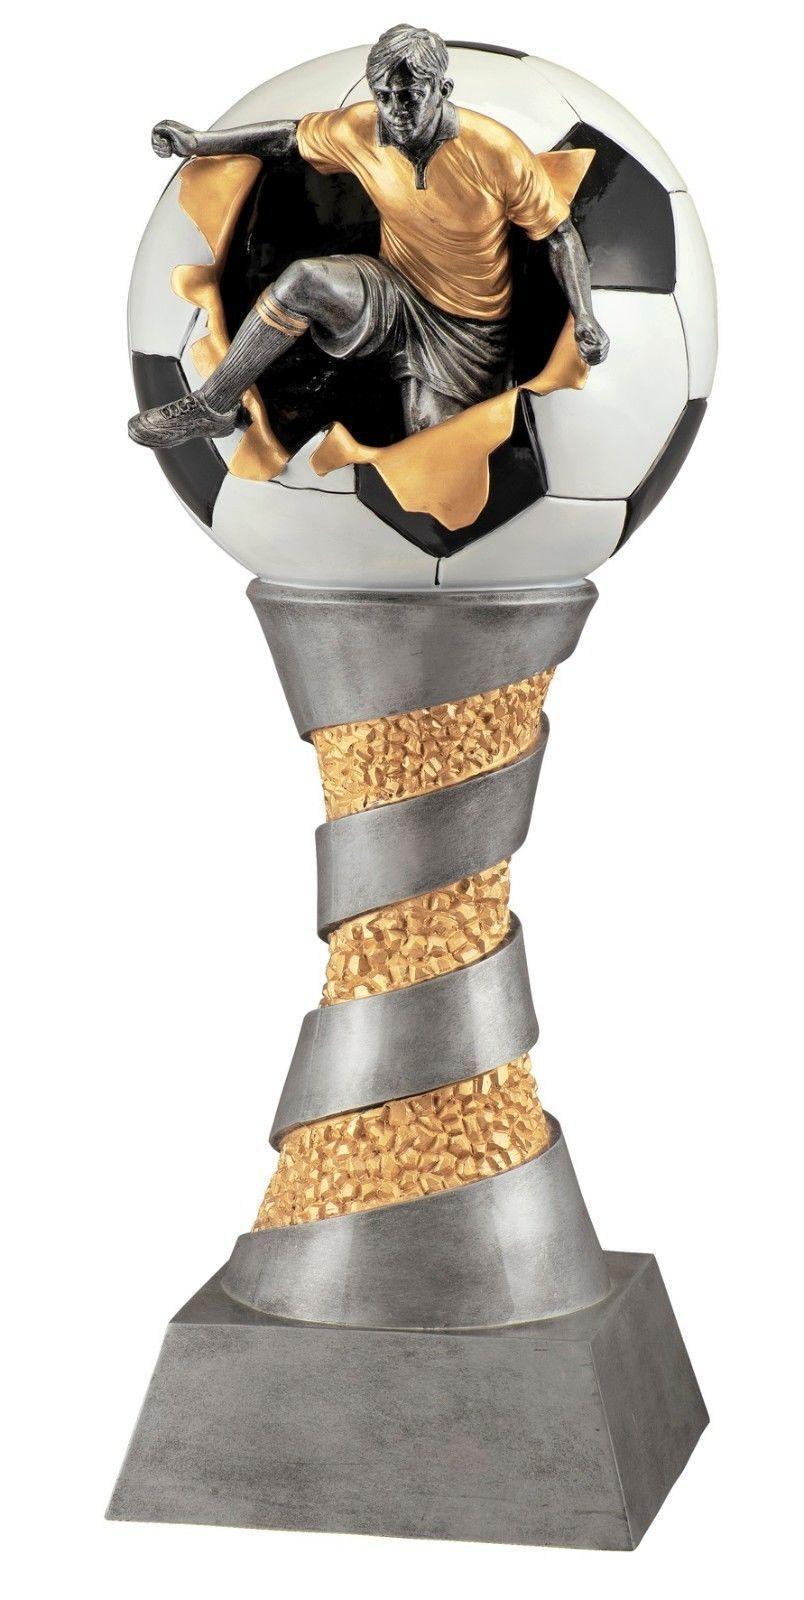 XXXL FUSSBALL 3D FIGUR POKAL80 cm hoch+8 kgPREMIUM kgPREMIUM hoch+8 Fußball CUPTurnierTrophäe 8bb8a8